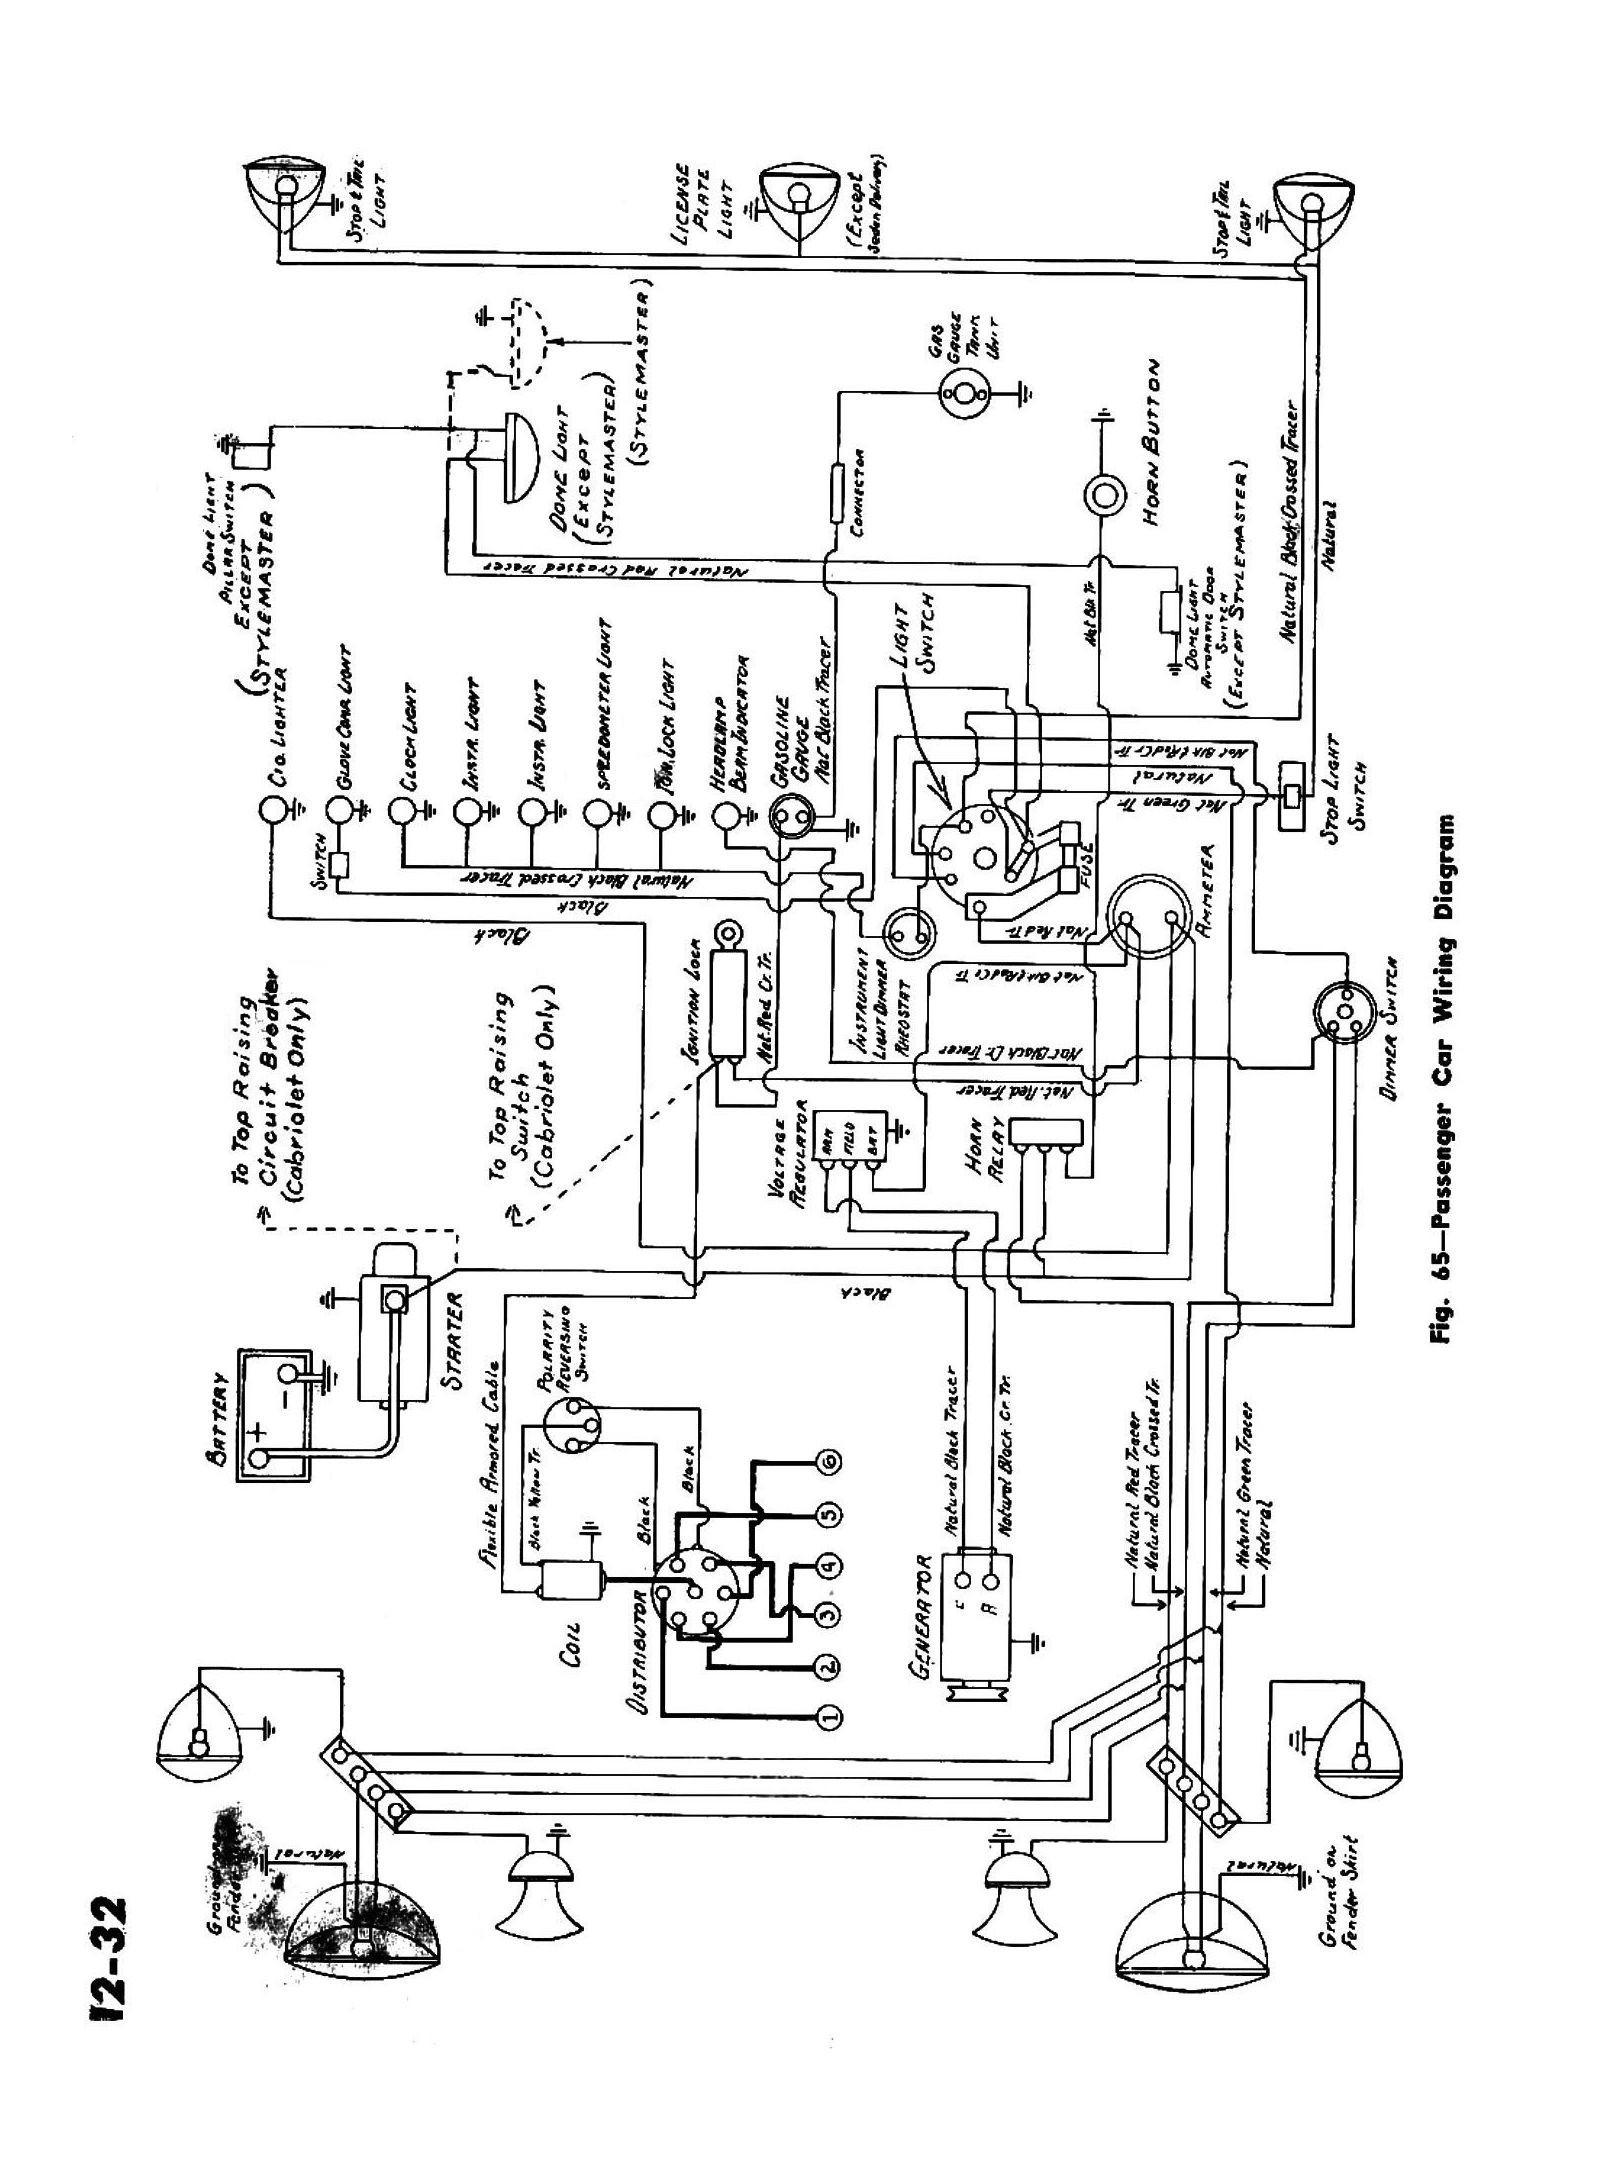 1945 Passenger Car Wiring